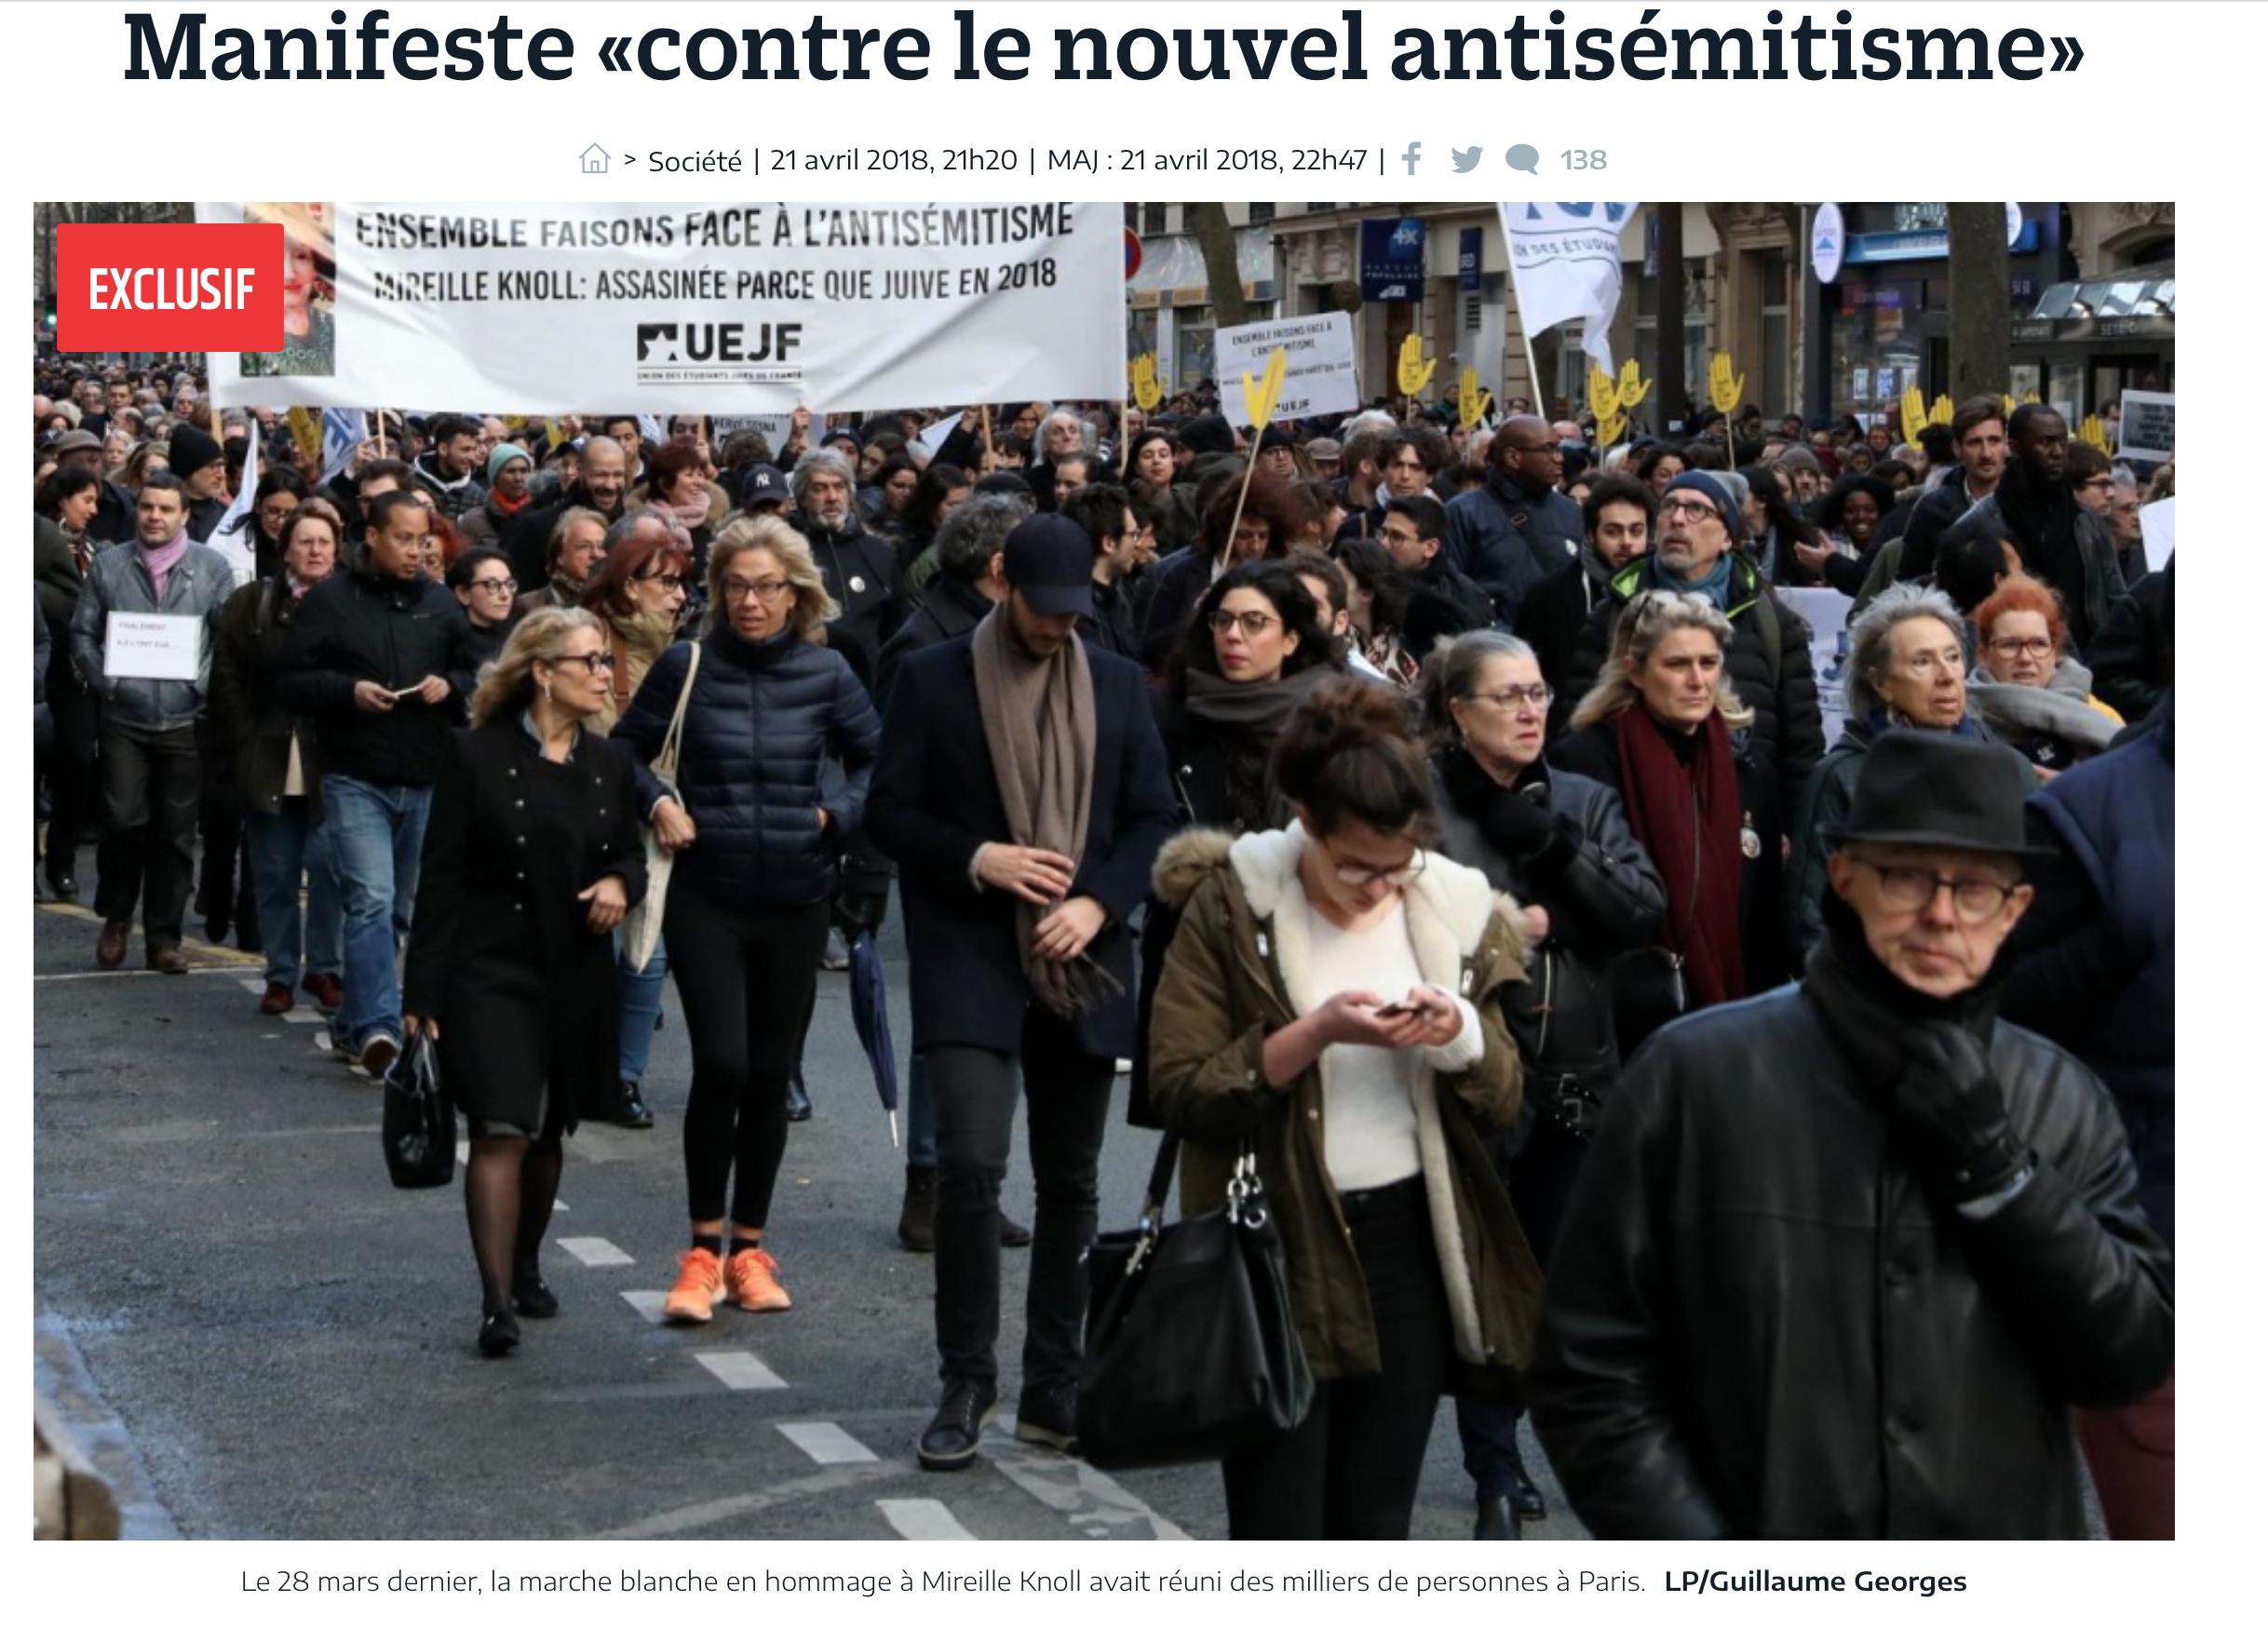 Ils veulent supprimer des versets du Coran pour aider Macron à nous imposer «l'islam de France» (merci de penser à activer l'onglet «newer comments» pour lire les commentaires les plus récents)